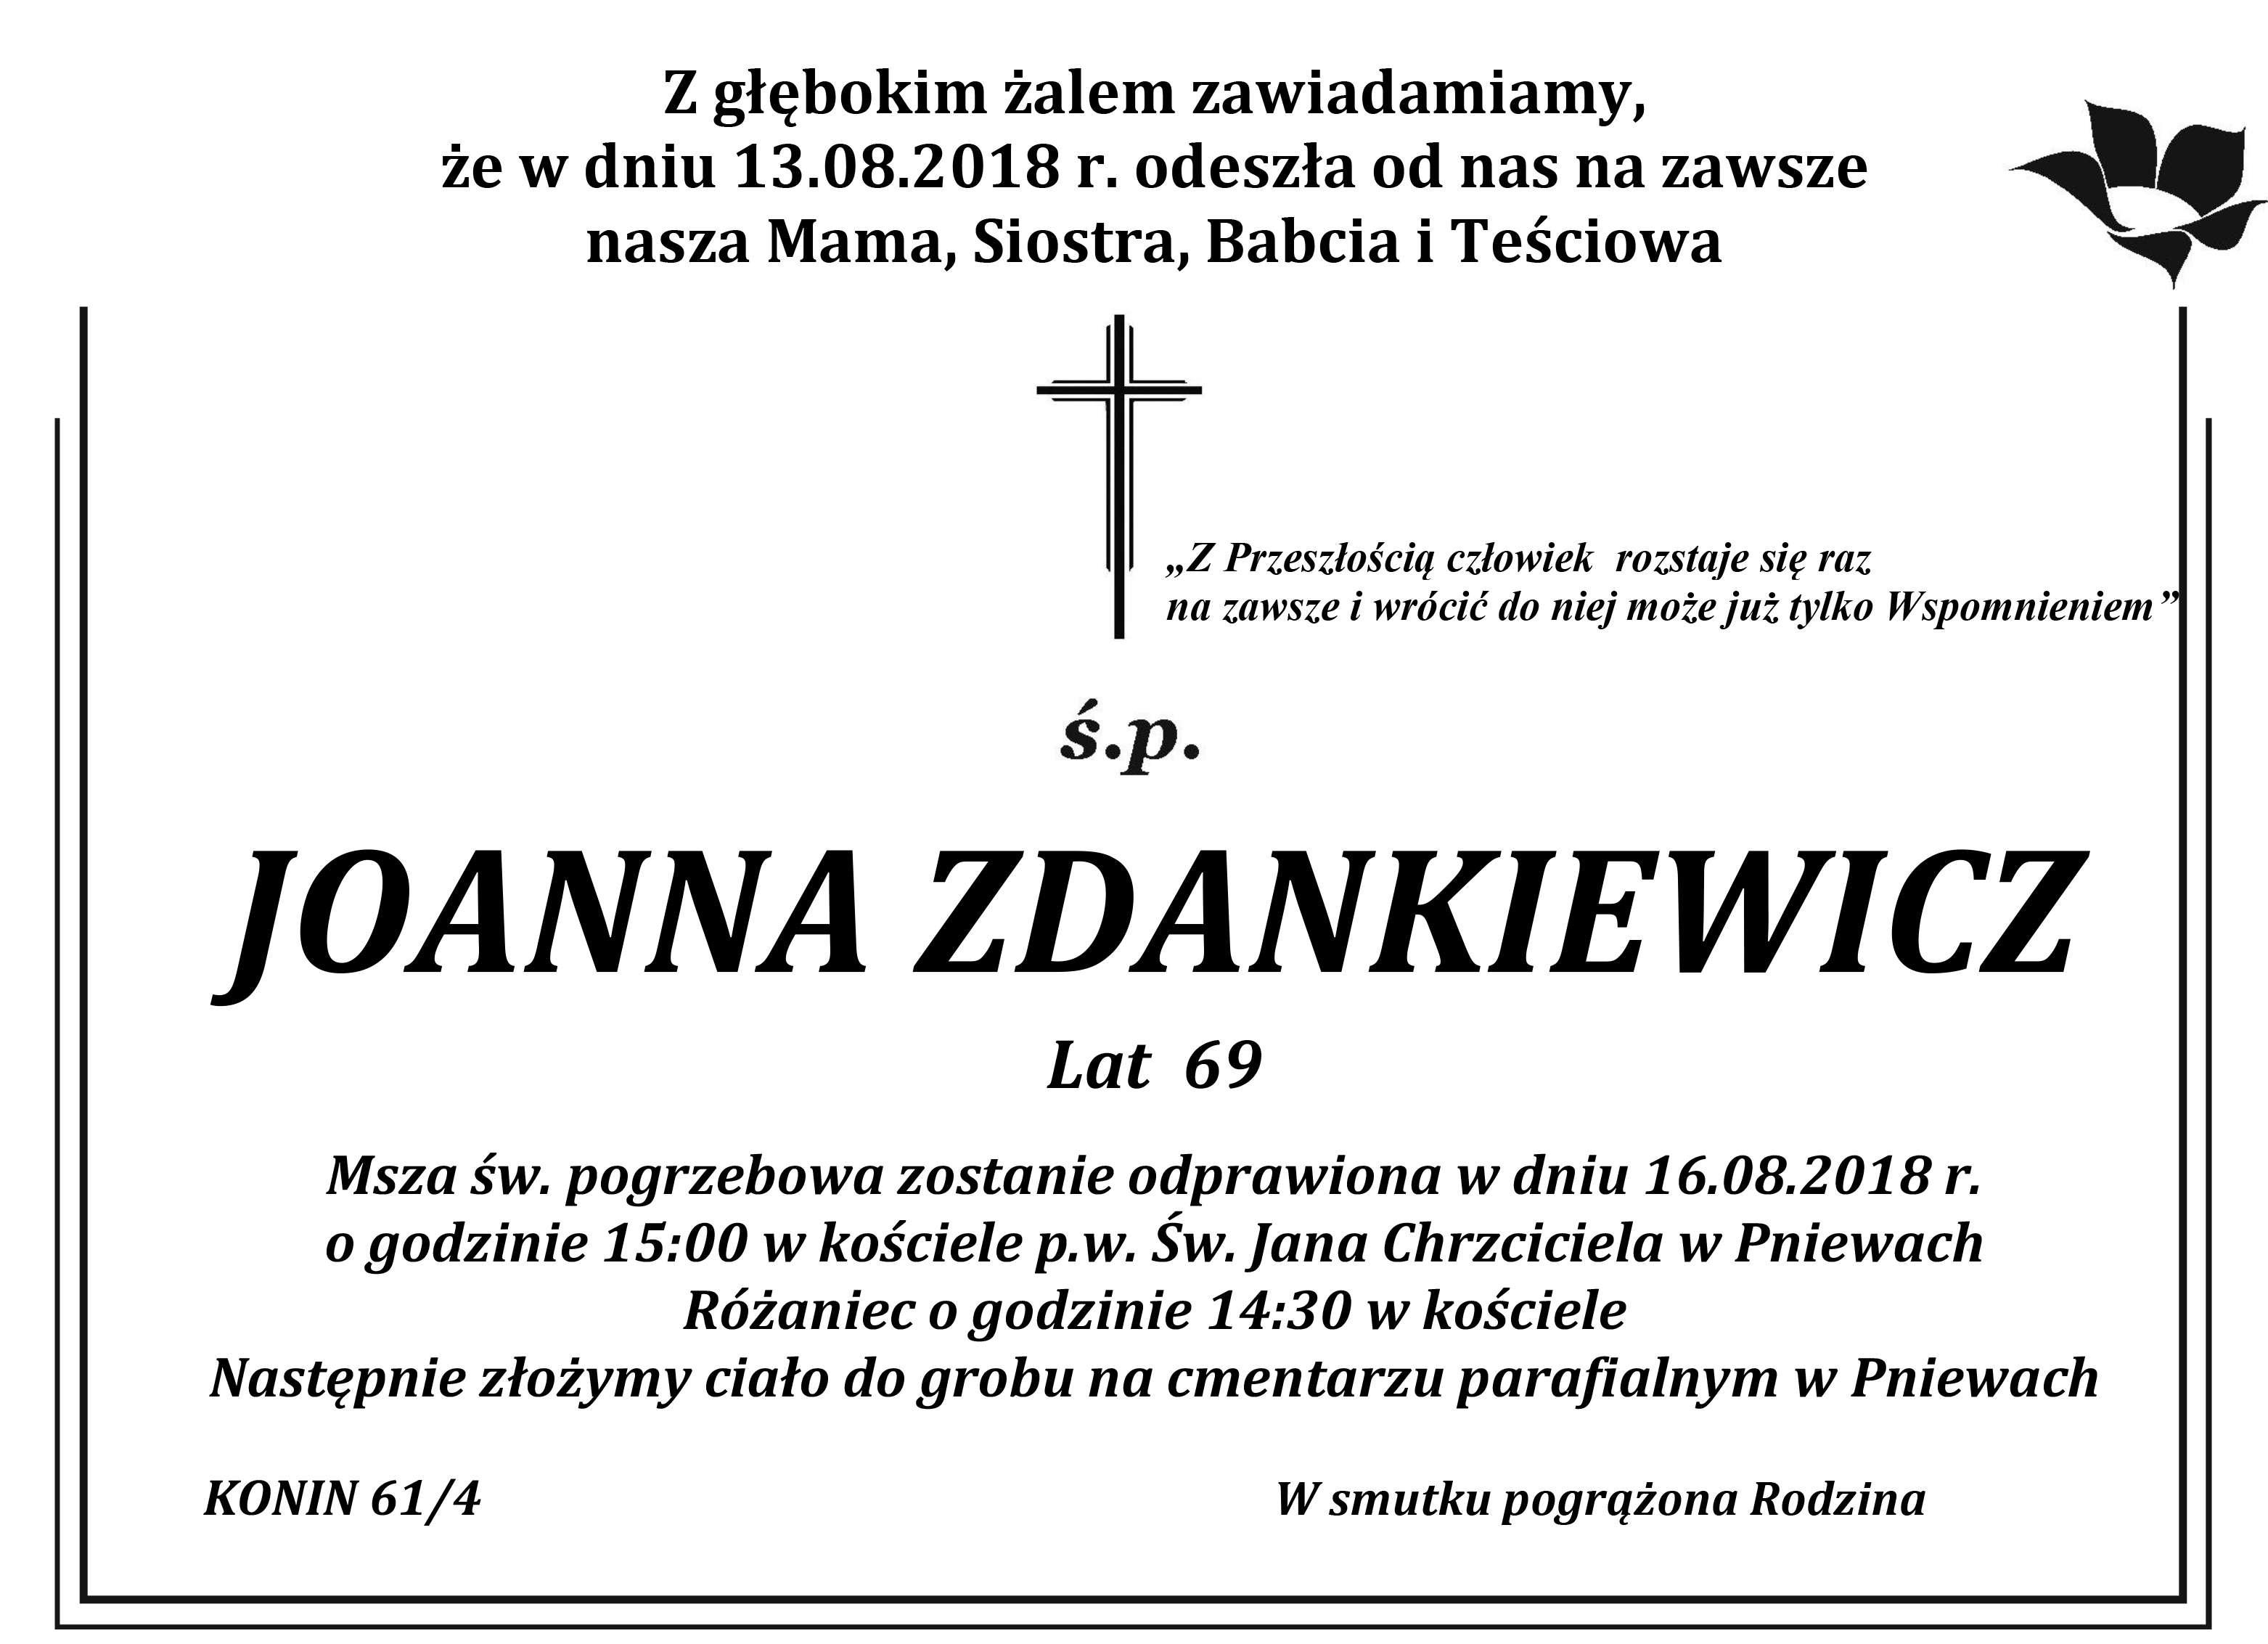 Żyli wśród nas – Joanna Zdankiewicz